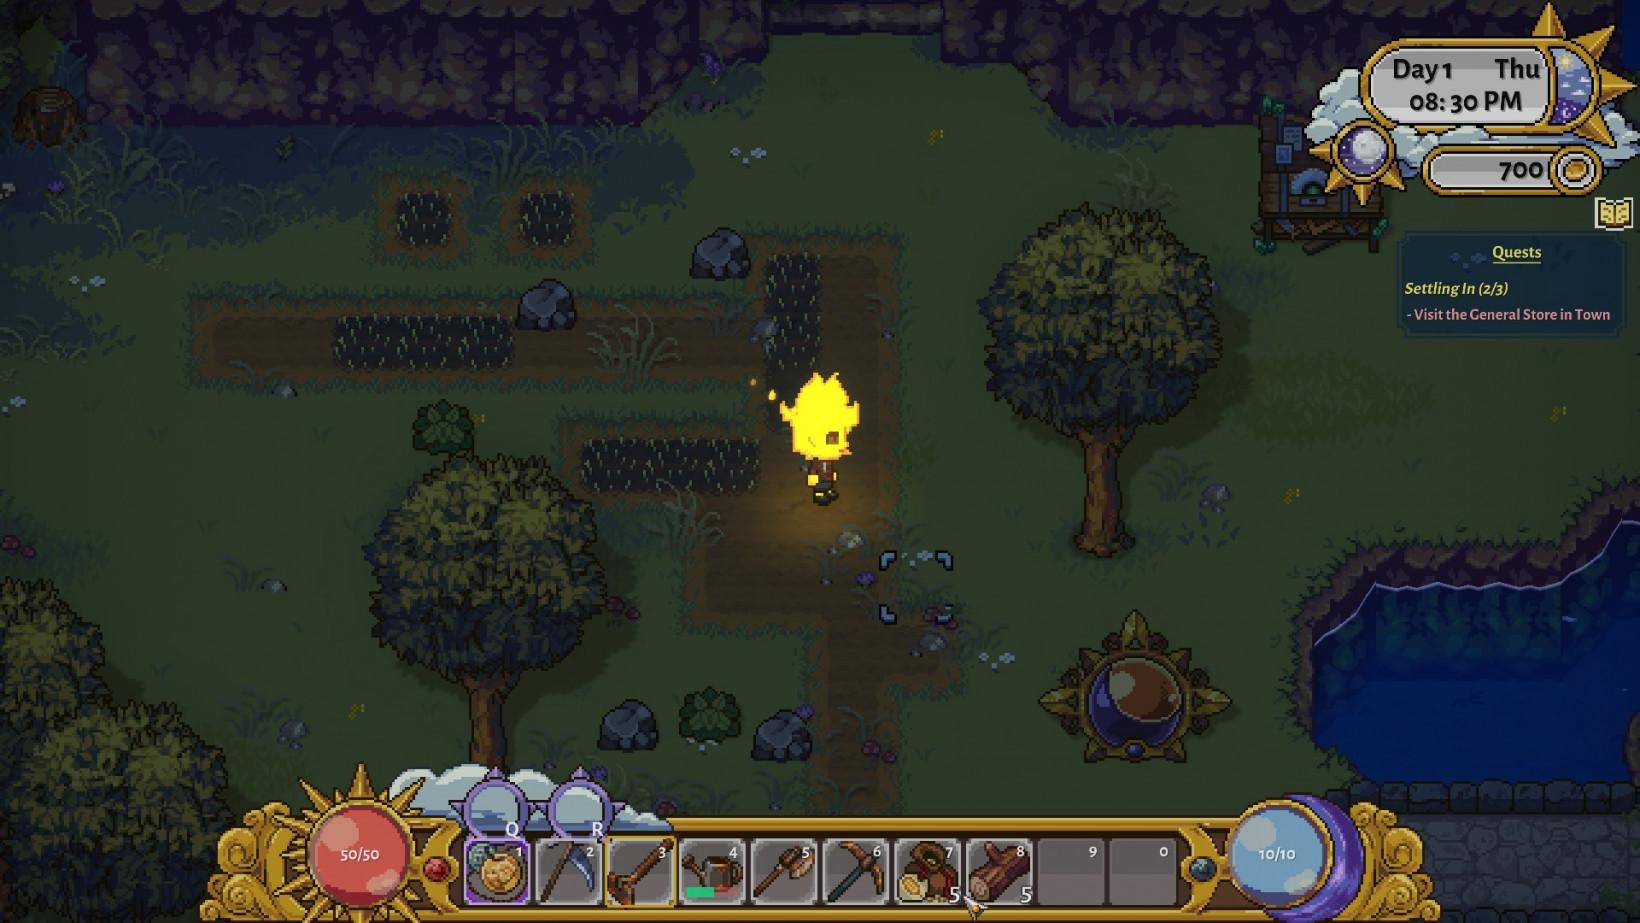 A screenshot from Sun Haven